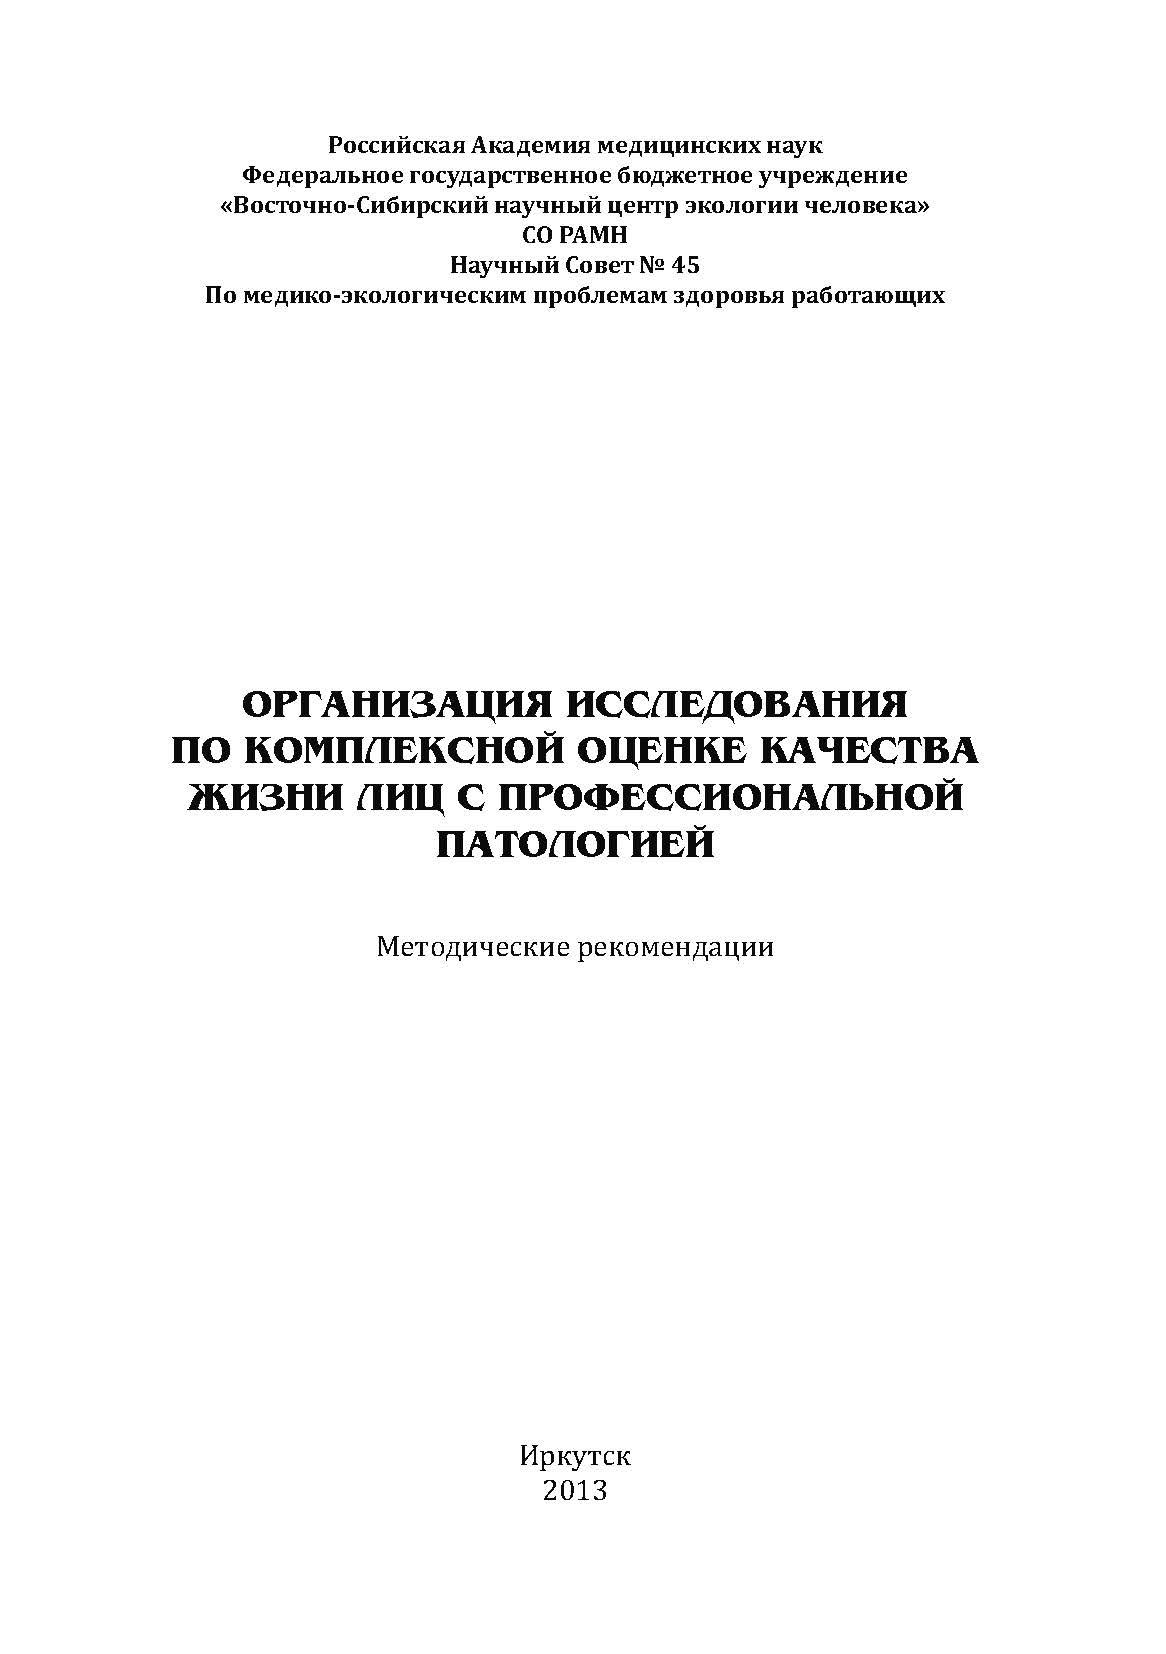 Дьякович_2013